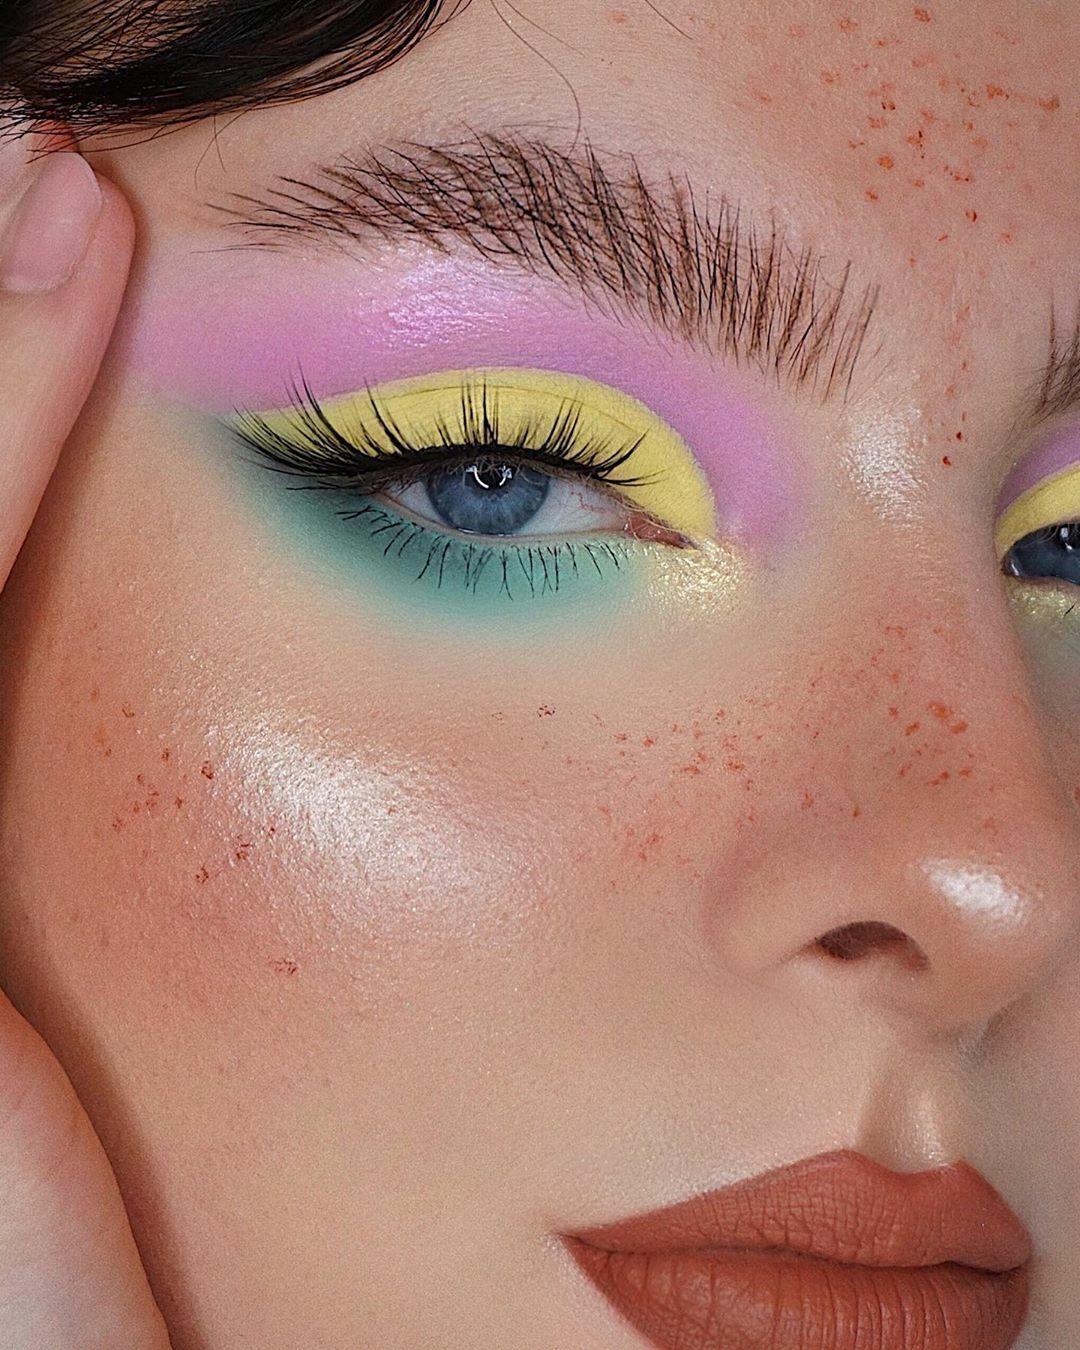 Макияж 10 Полезных Советов По макияжу, Которые Оце